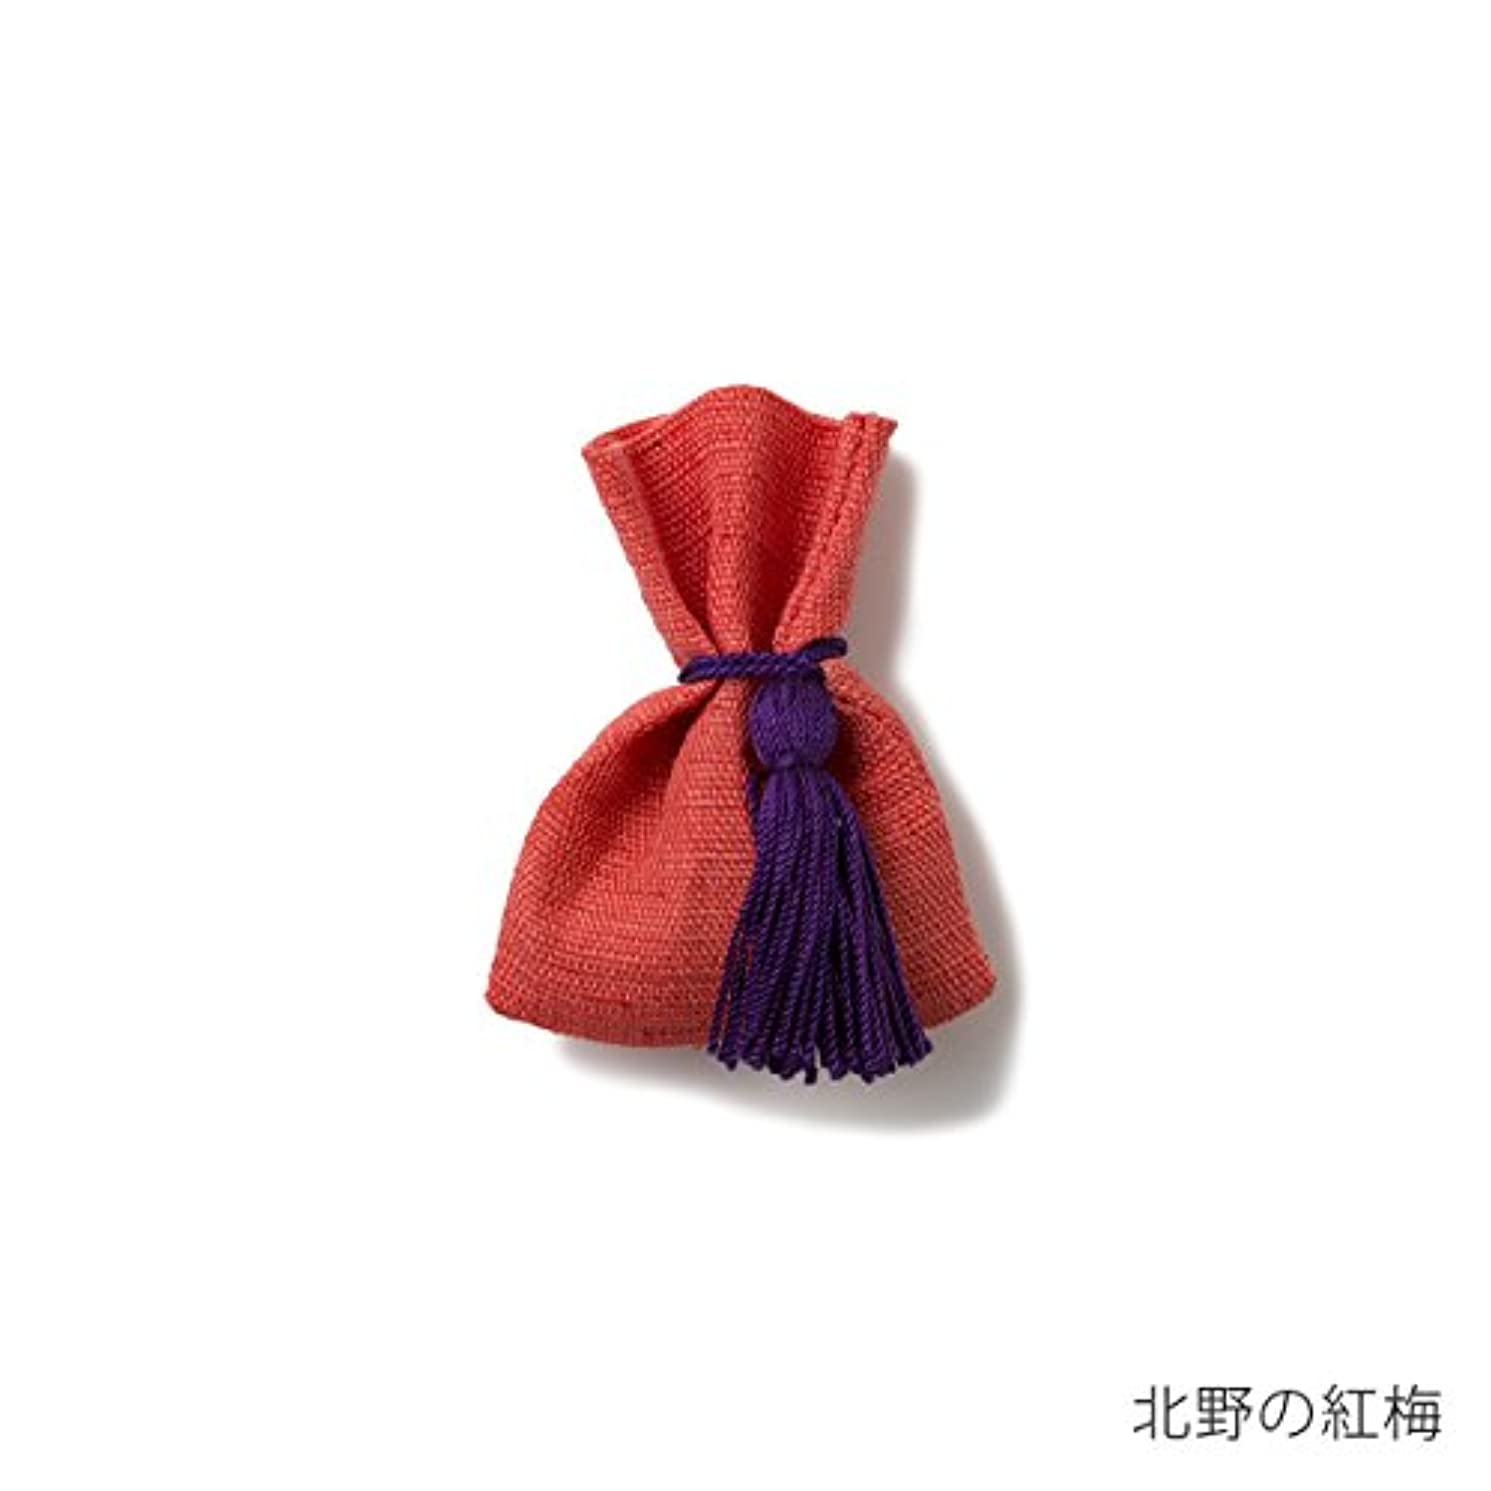 投げる困難にはまって【薫玉堂】 京の香り 香袋 北野の紅梅